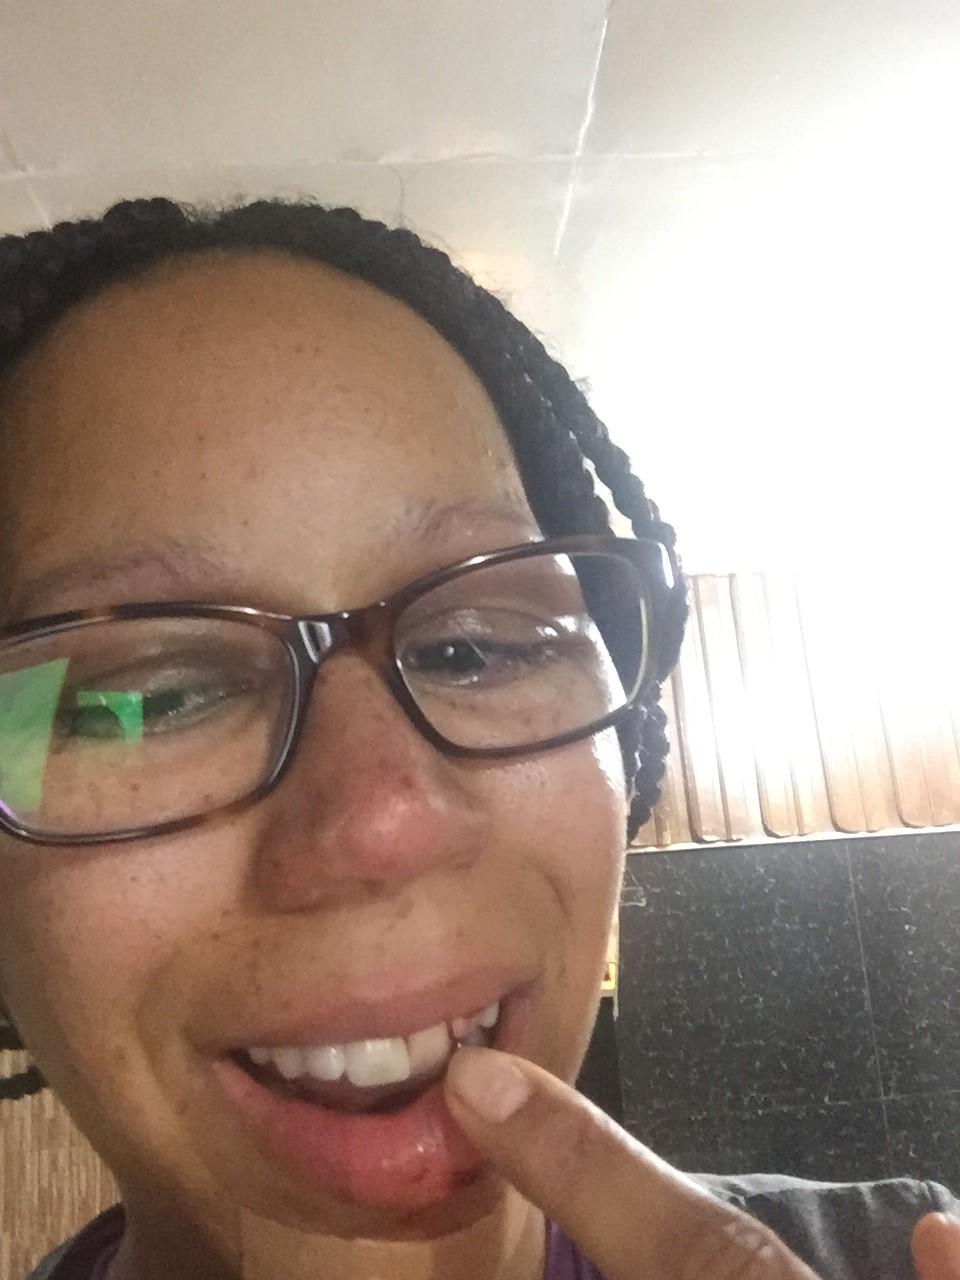 Kieferbruch und Zahnbruch